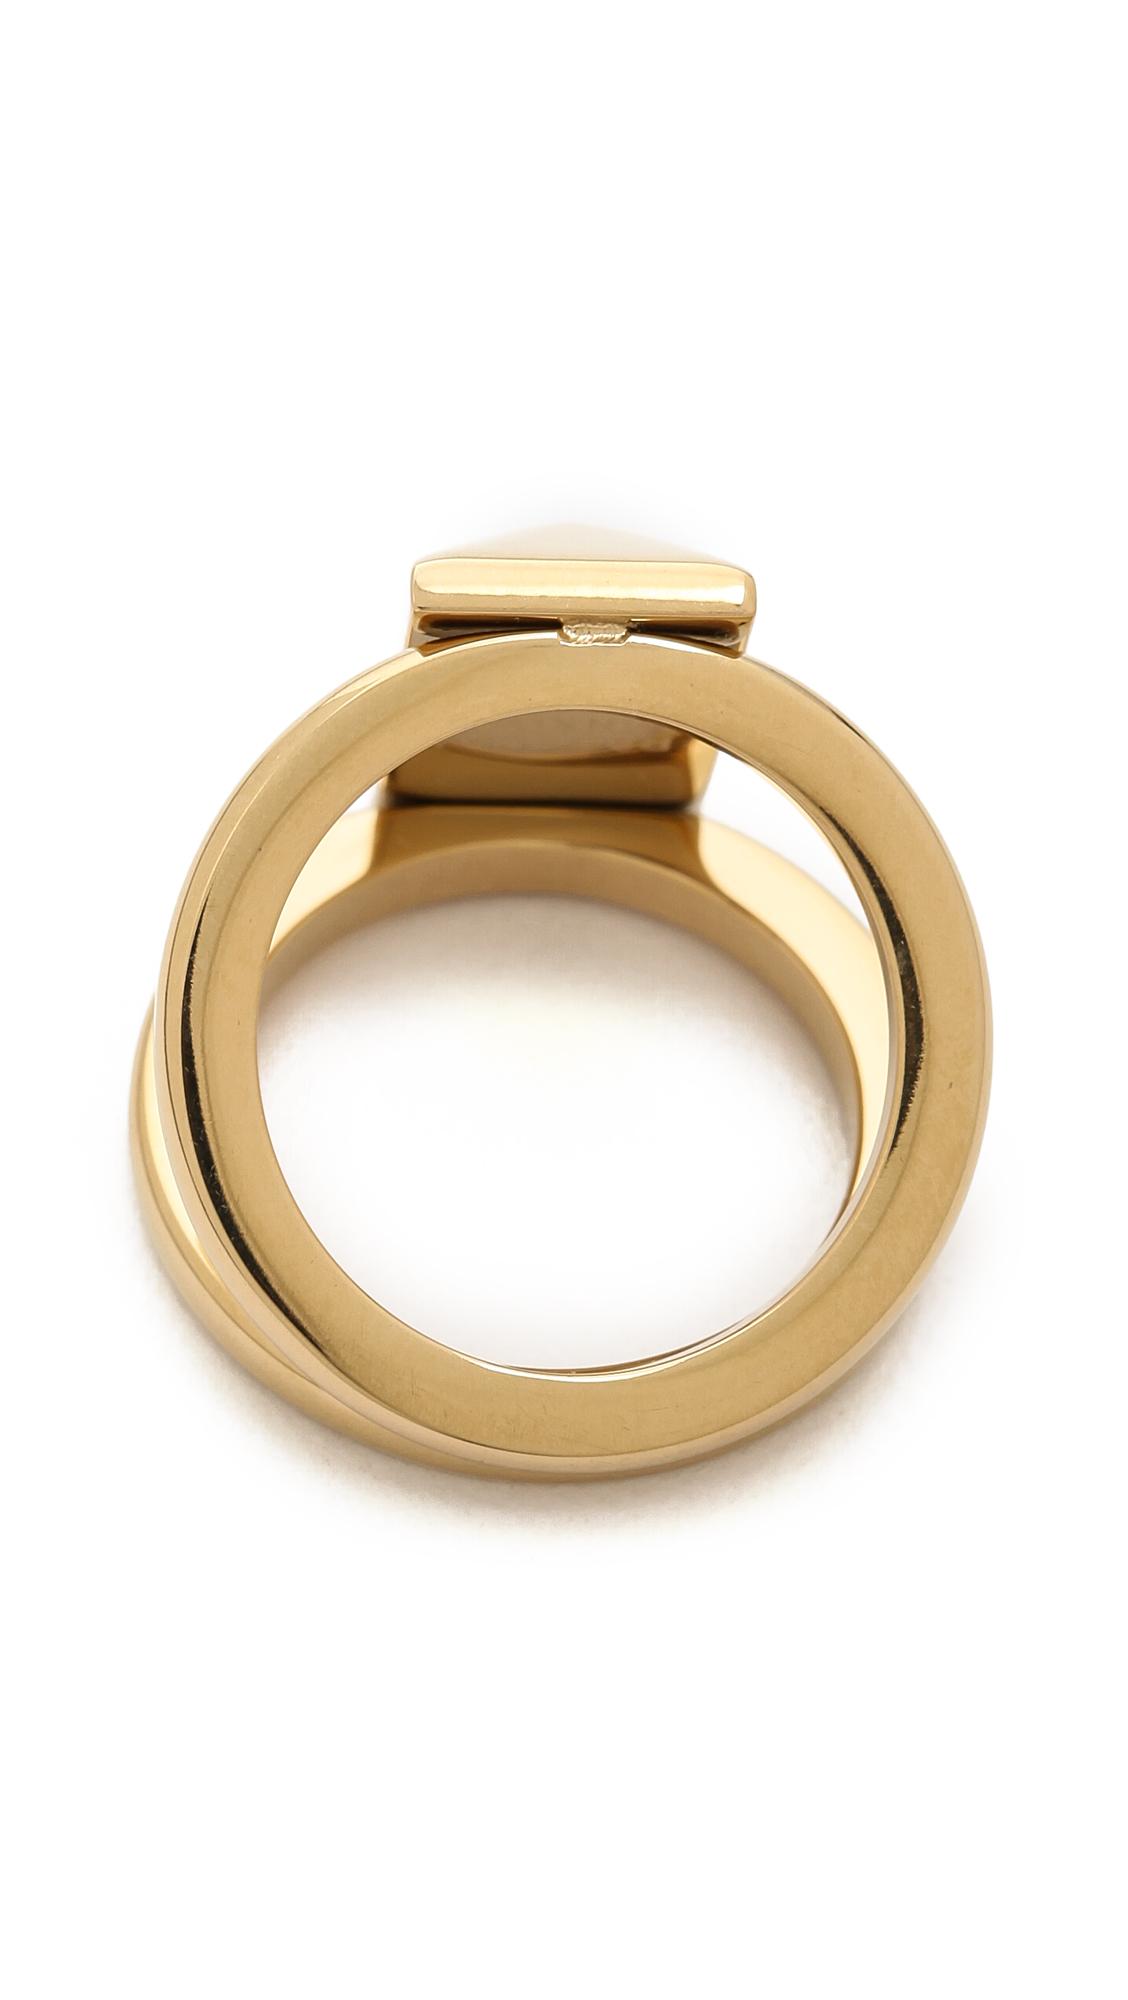 Rebecca Minkoff Pave Claw Ring in Metallic Copper fsIiJcIC